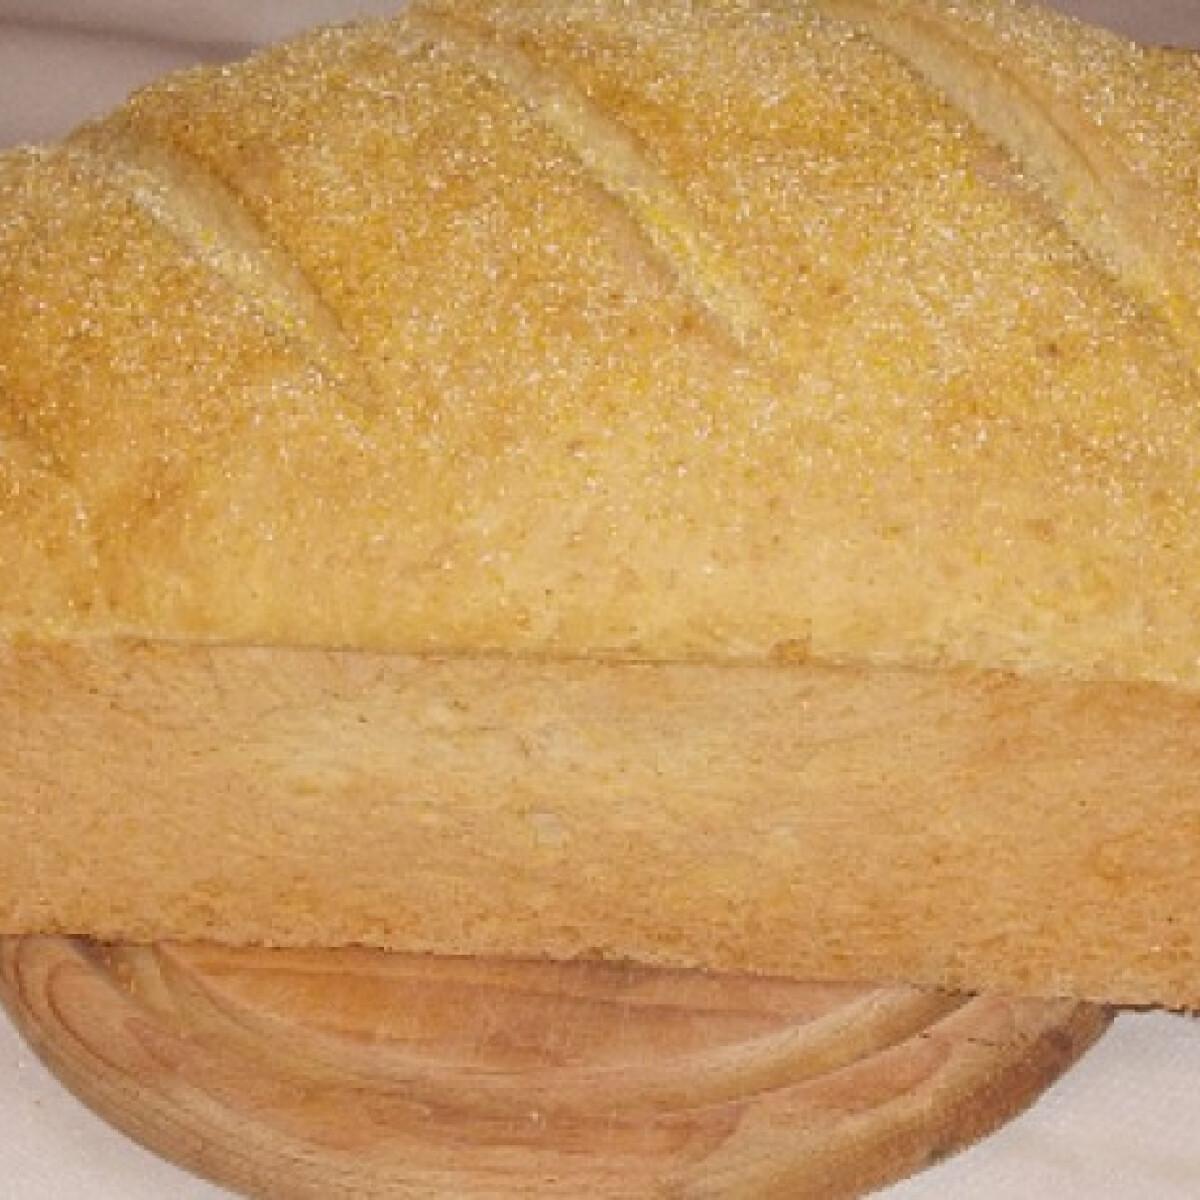 Kukoricás kenyér ahogy erikamama készíti